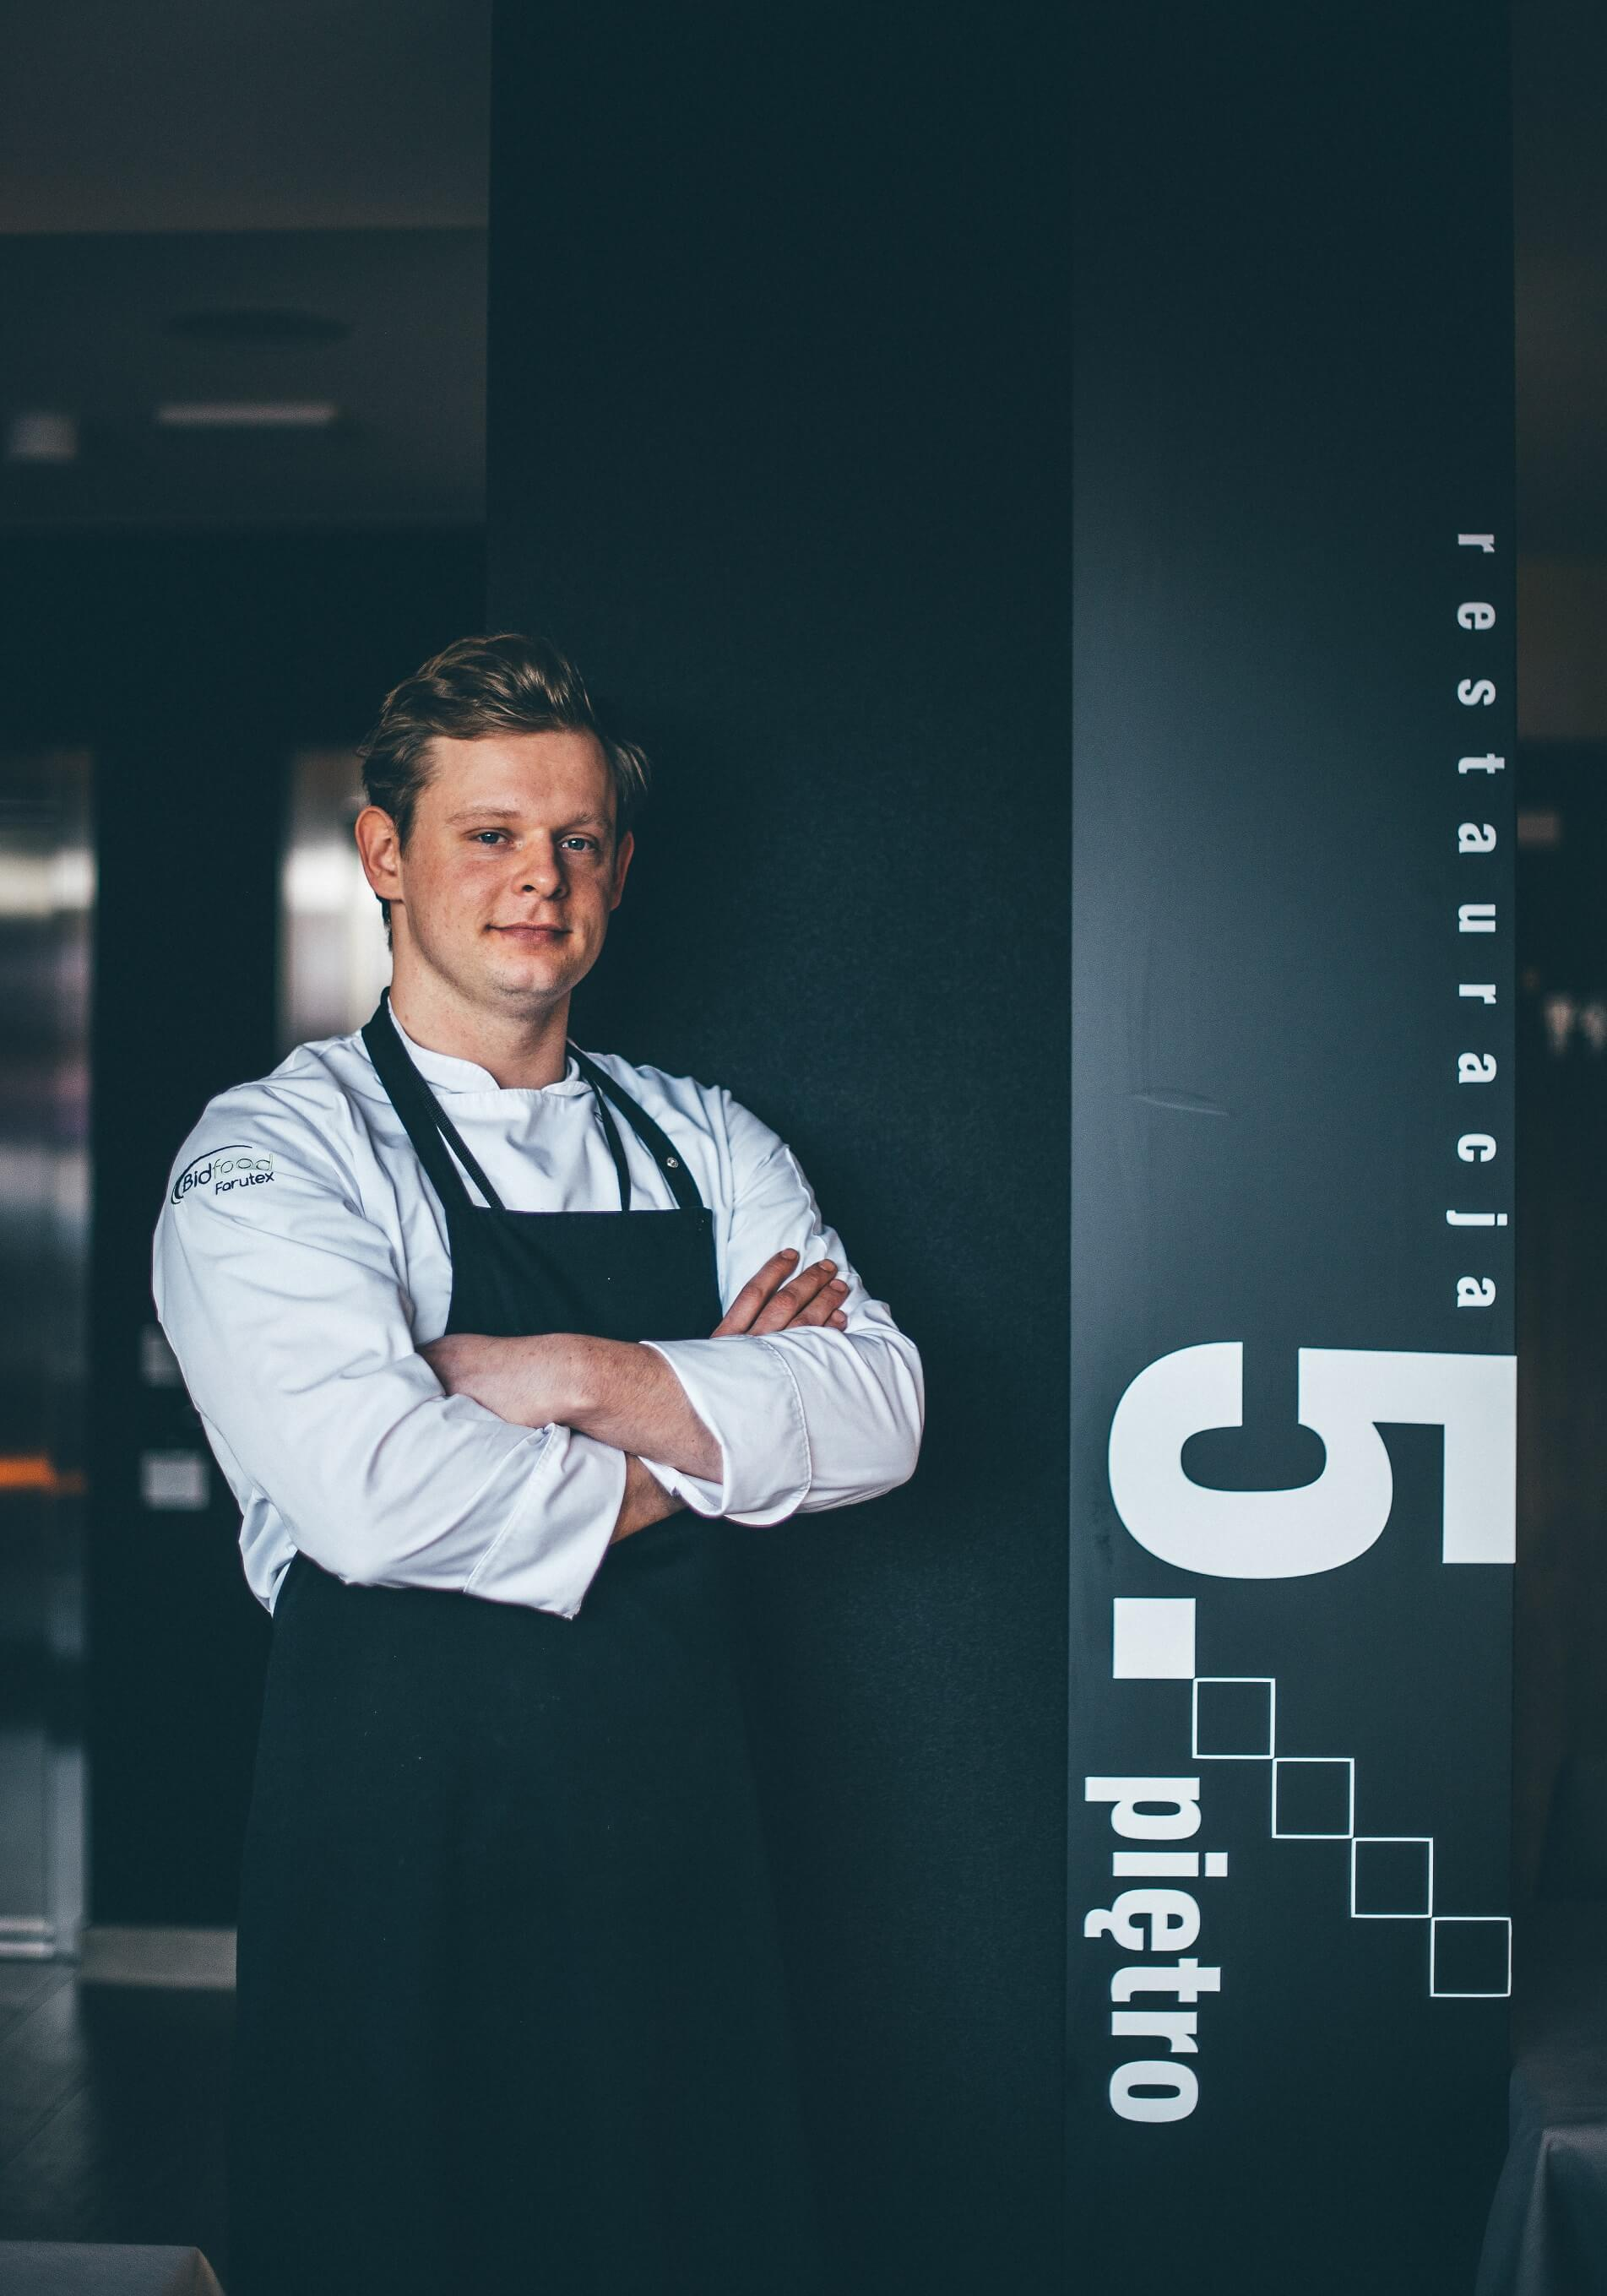 Chef in 5 pietro restaurant in Gdańsk